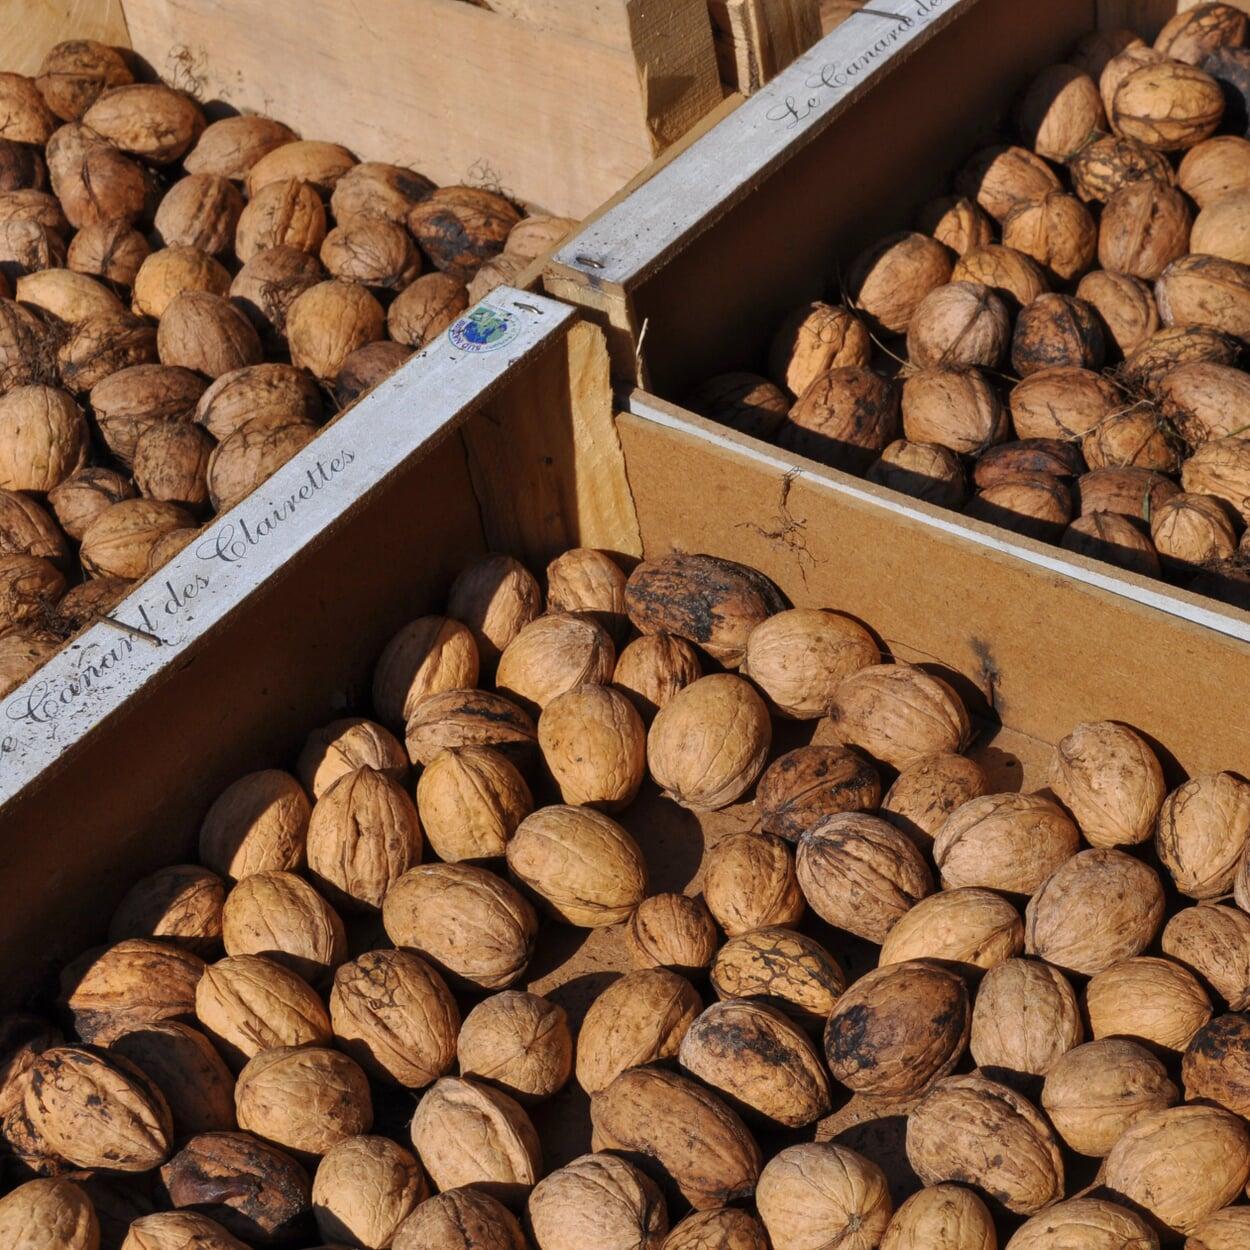 Die Nüsse einlagig – zum Beispiel in flachen Kisten – trocknen